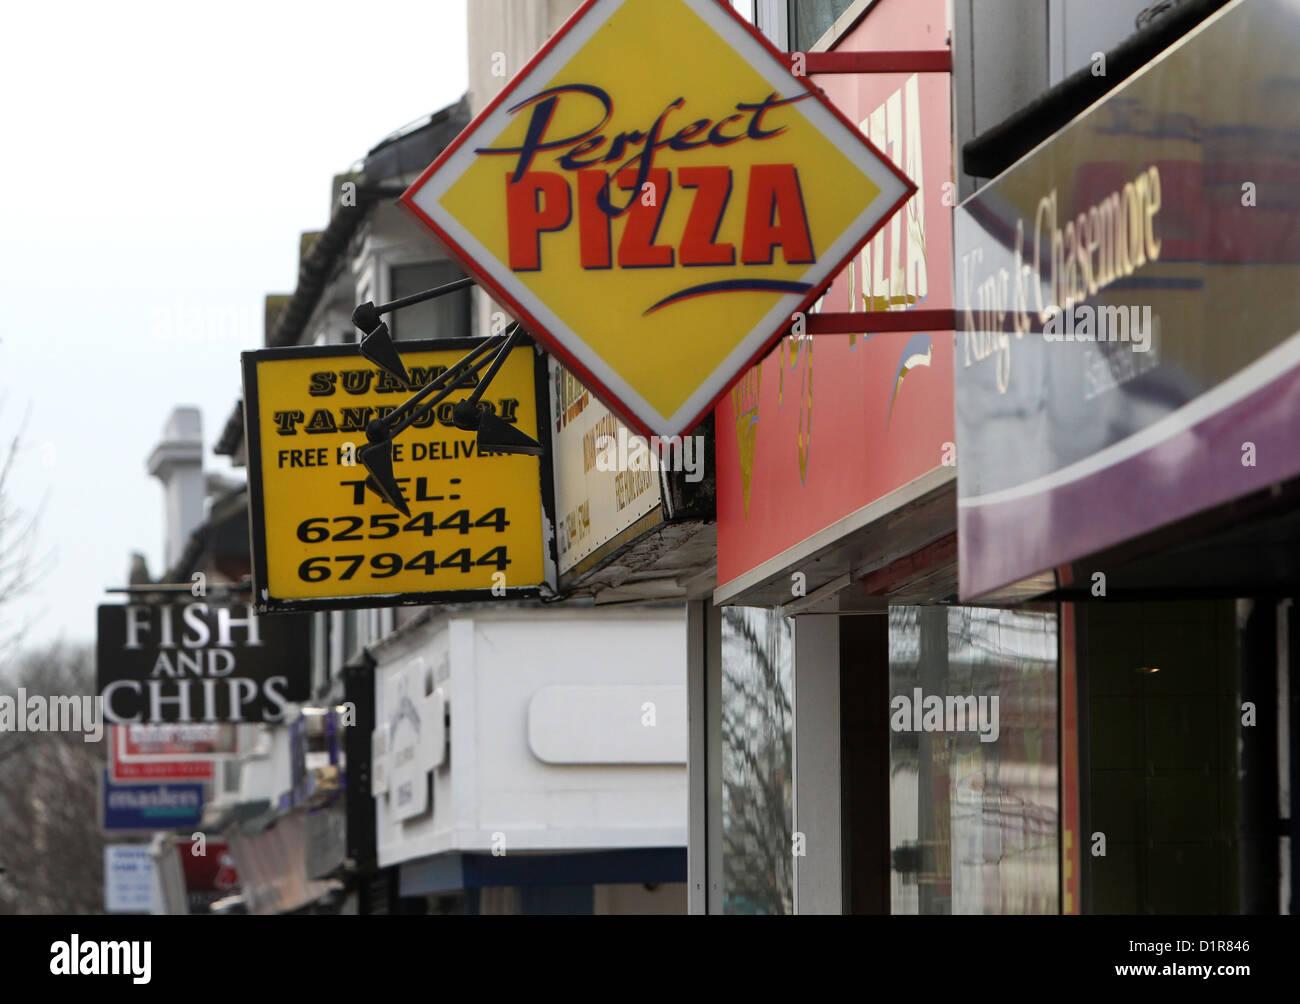 Chinese Food Brighton New York